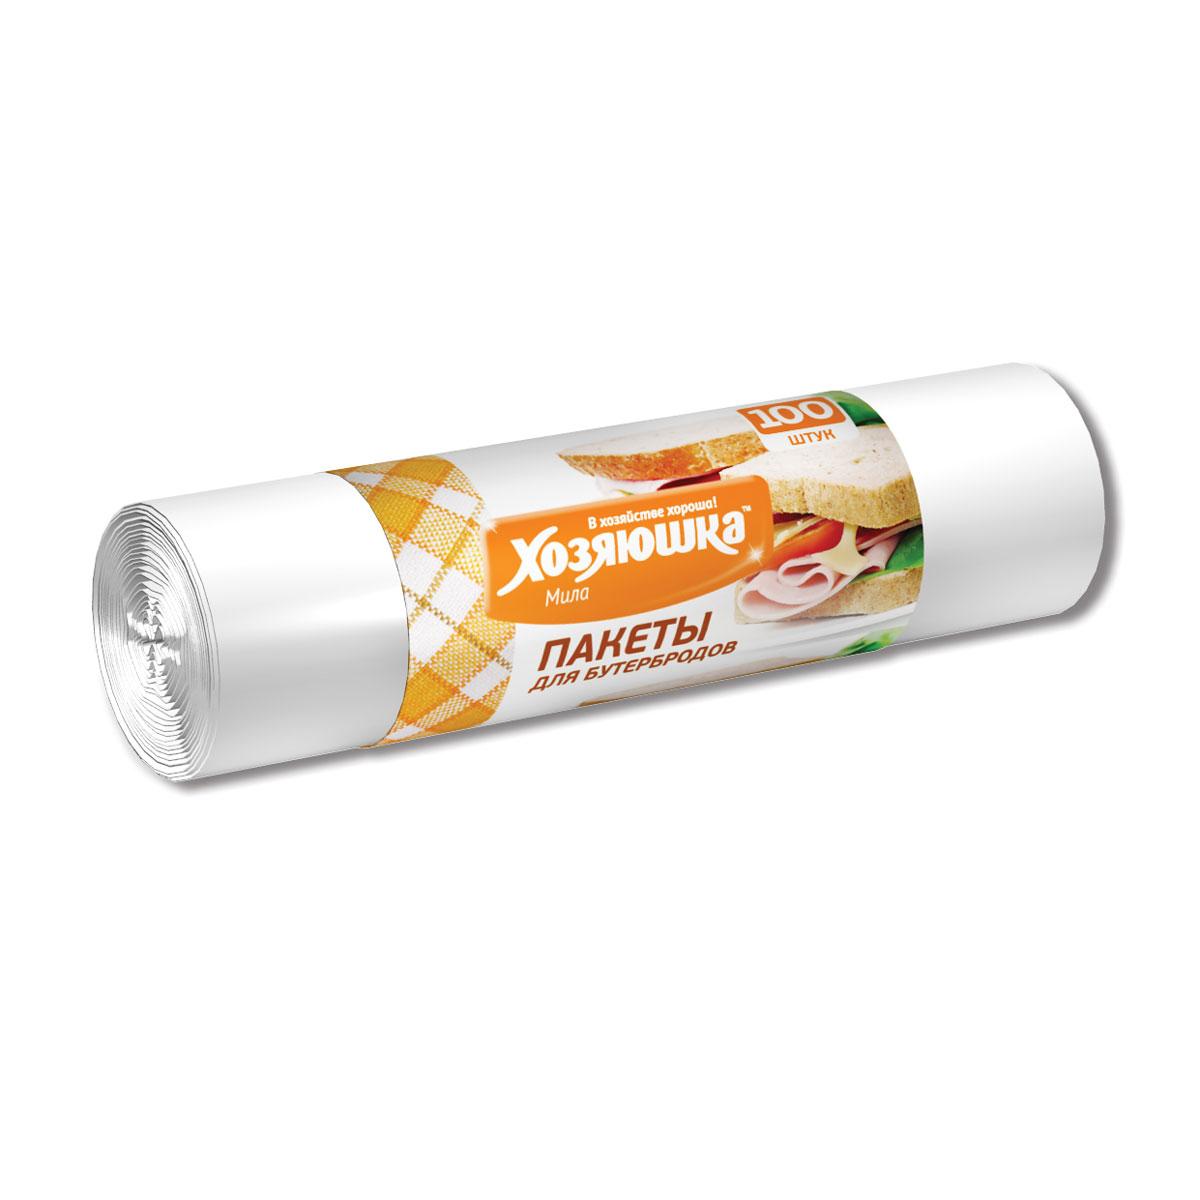 Пакеты для бутербродов Хозяюшка Мила, 17 х 28 см, 100 шт09013Пакеты для бутербродов Хозяюшка Мила являются предметами первой необходимости. В школу, на работу или в поездку брать с собой бутерброды будет гораздо удобнее в пакетах, которые позволят надежно сохранить свежесть продуктов. Фасовочные пакеты - это самый распространенный, удобный и практичный вид современной упаковки, предназначенный для хранения и транспортировки практически всех видов пищевых и непродовольственных товаров. Размер: 17 см х 28 см.